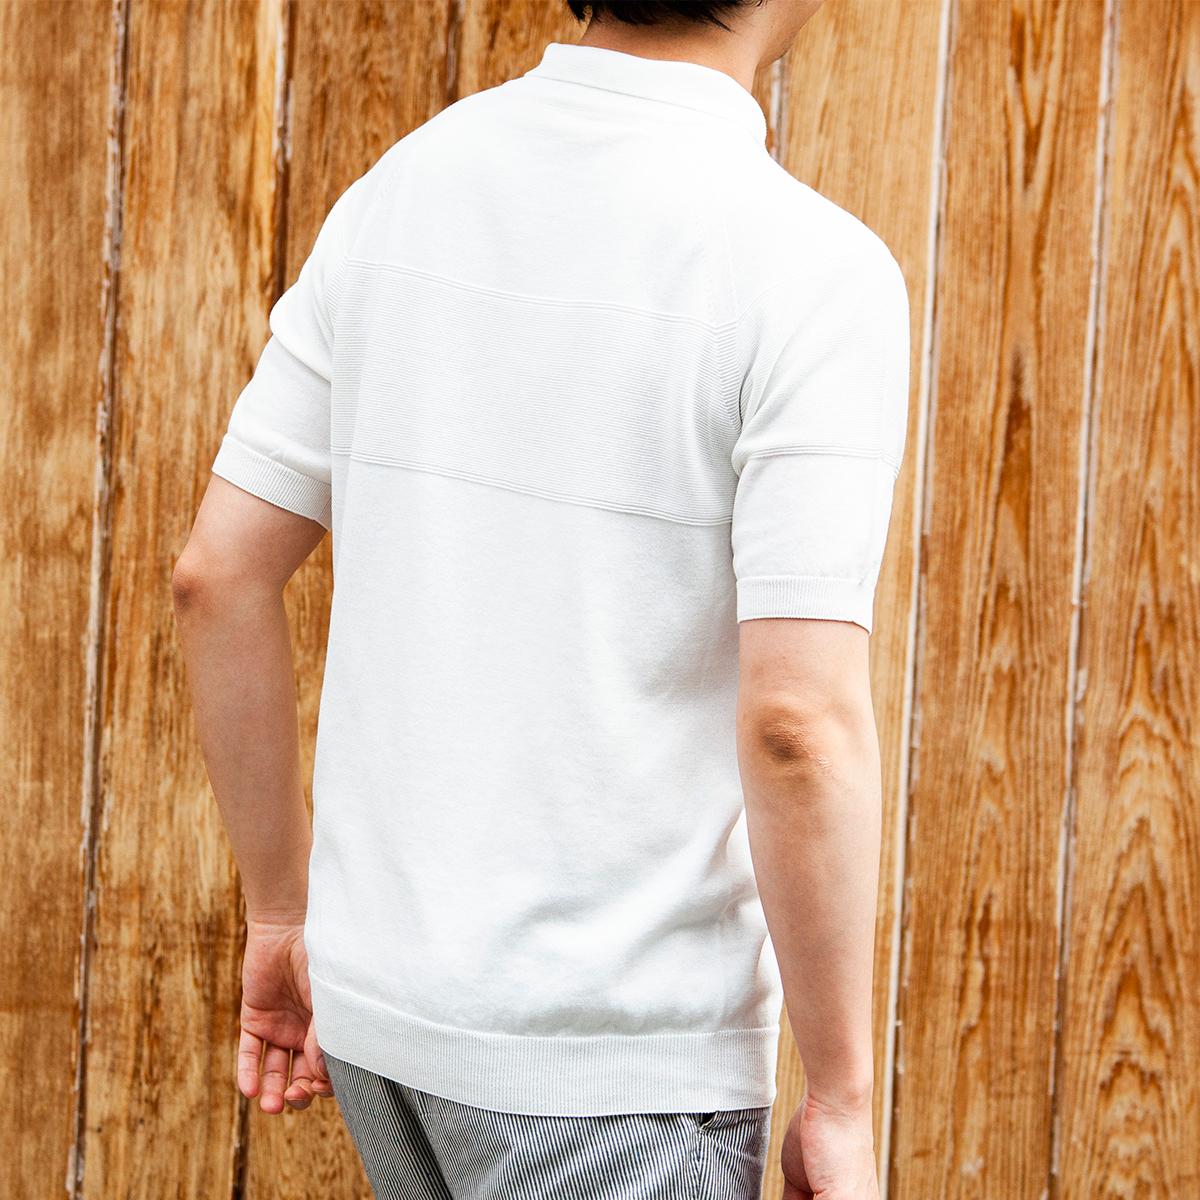 匂い物質を吸着して、消臭効果を発揮。汗でベタつかない、匂わない、綿より軽い!三拍子揃った「ニットポロシャツ」|伊予和紙ポロシャツ